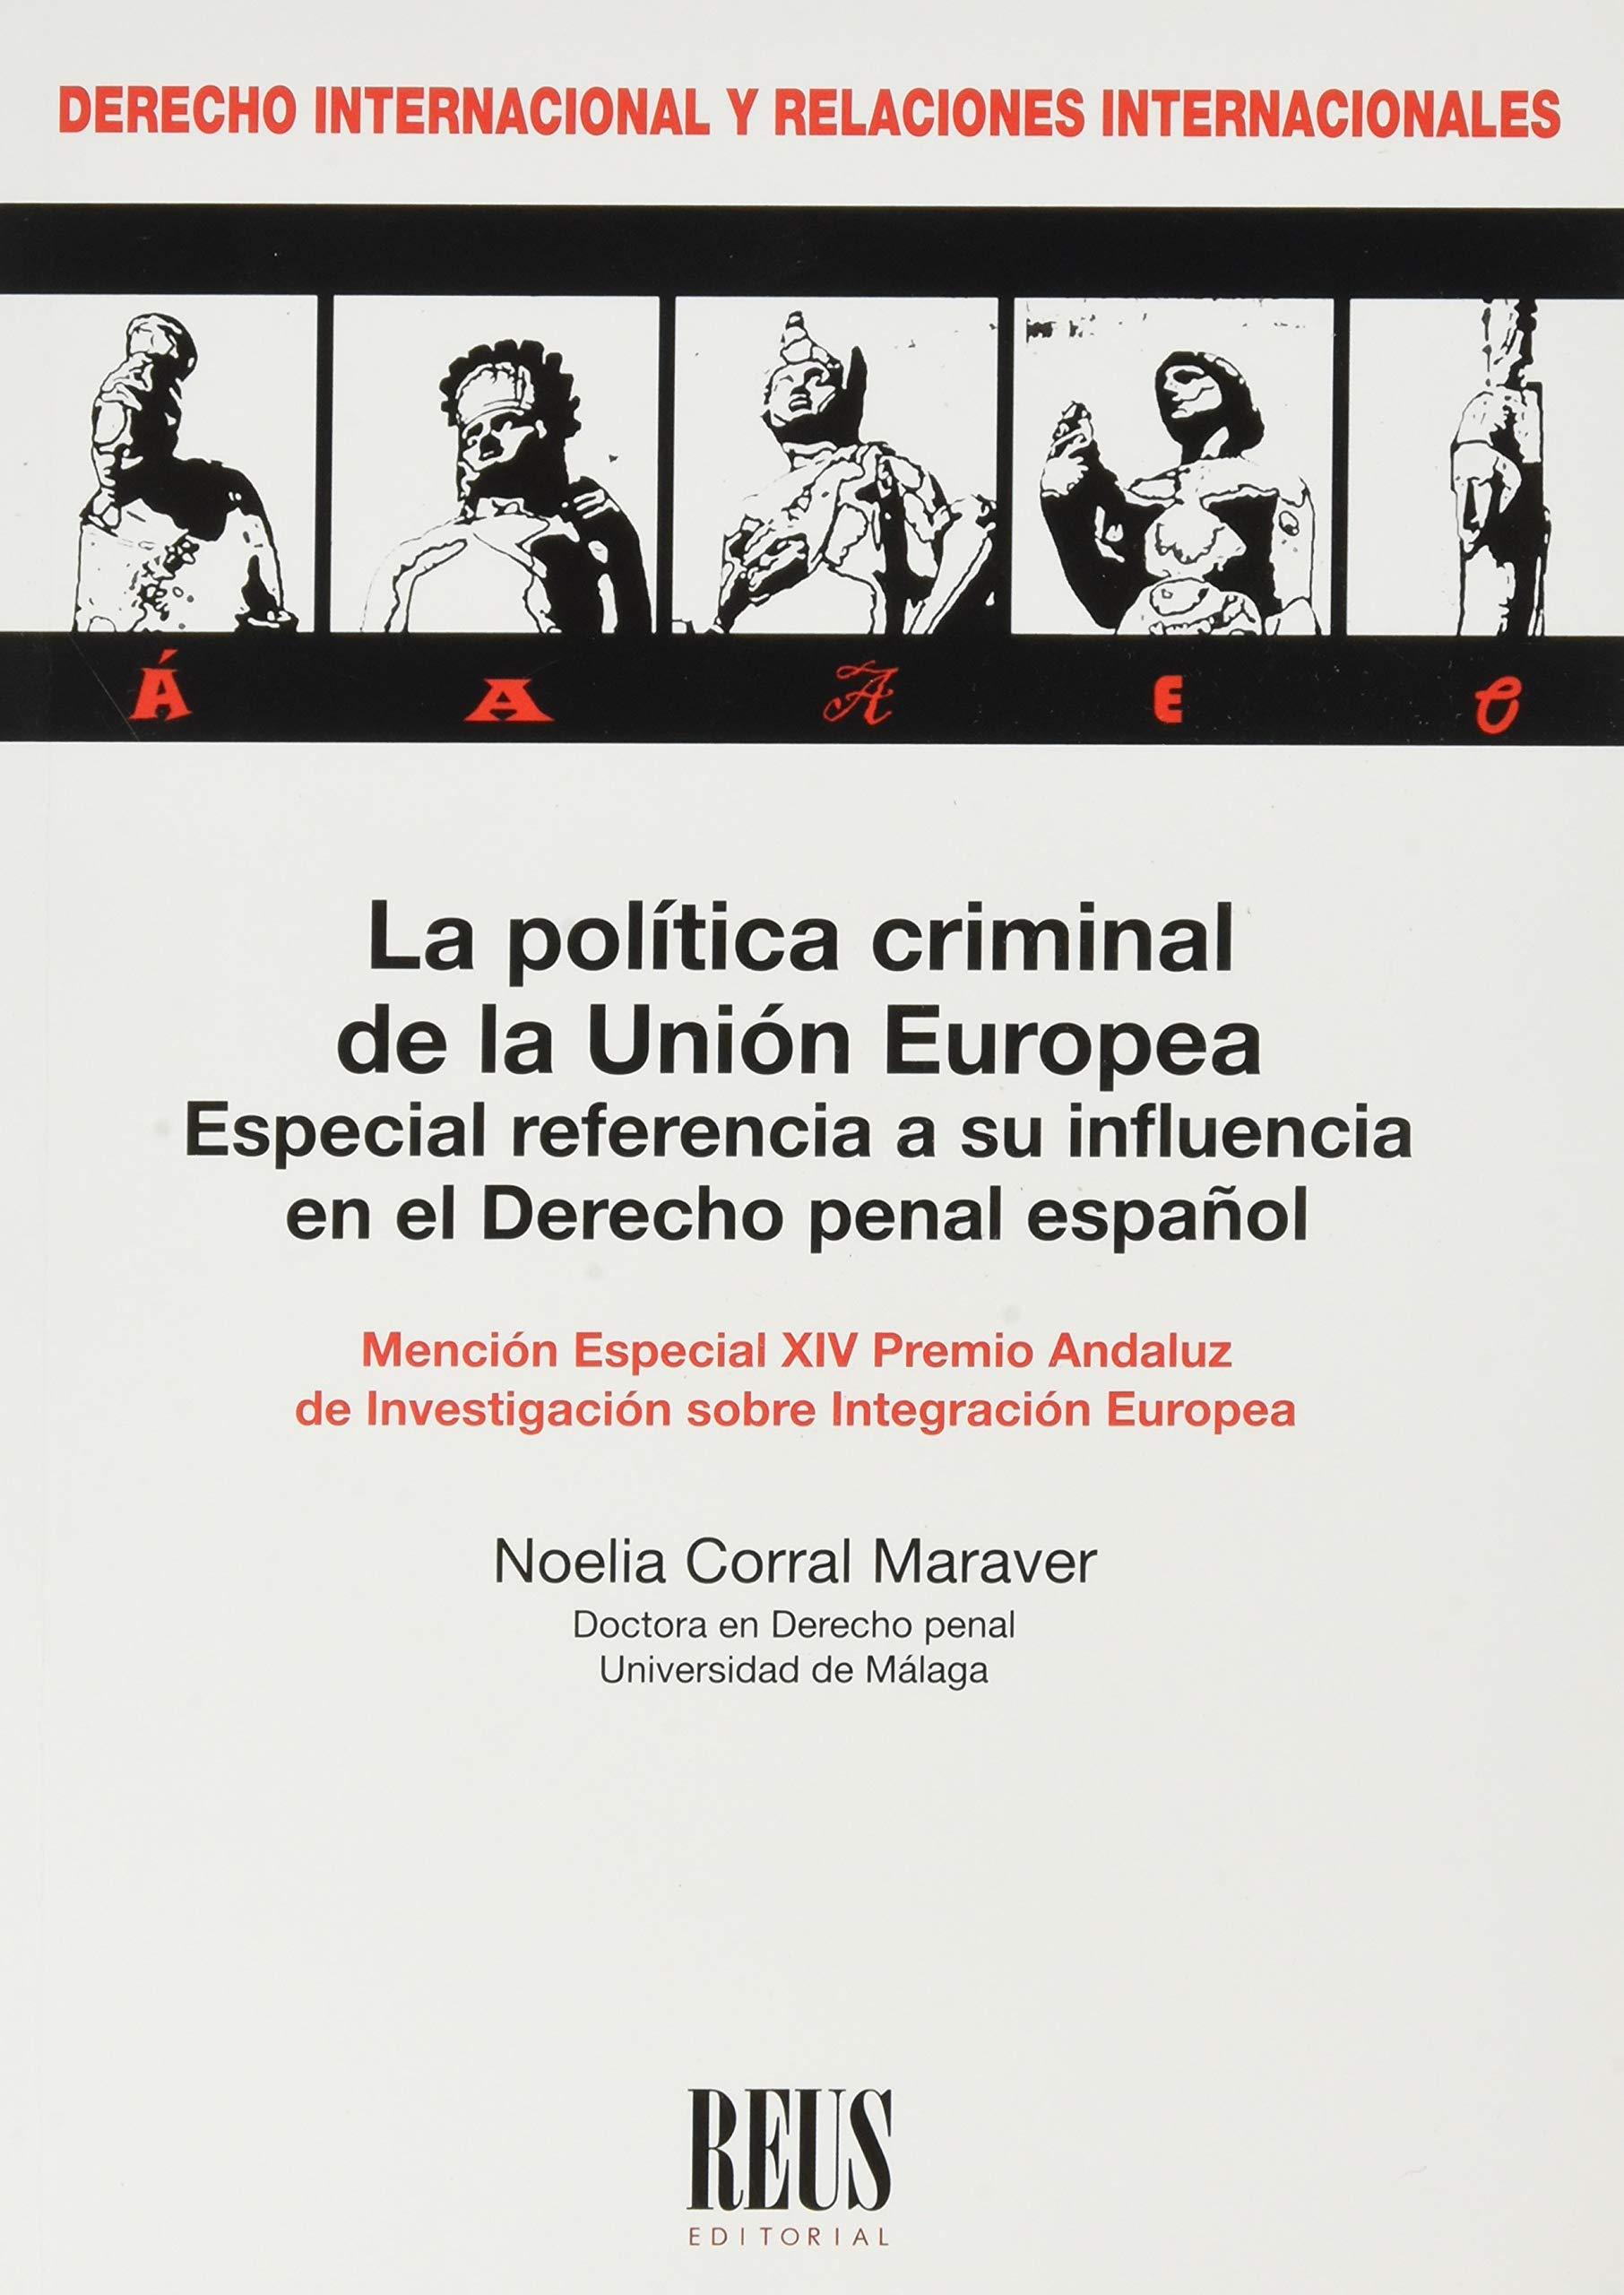 La Política criminal de la Unión Europea : especial referencia a su influencia en el Derecho penal español